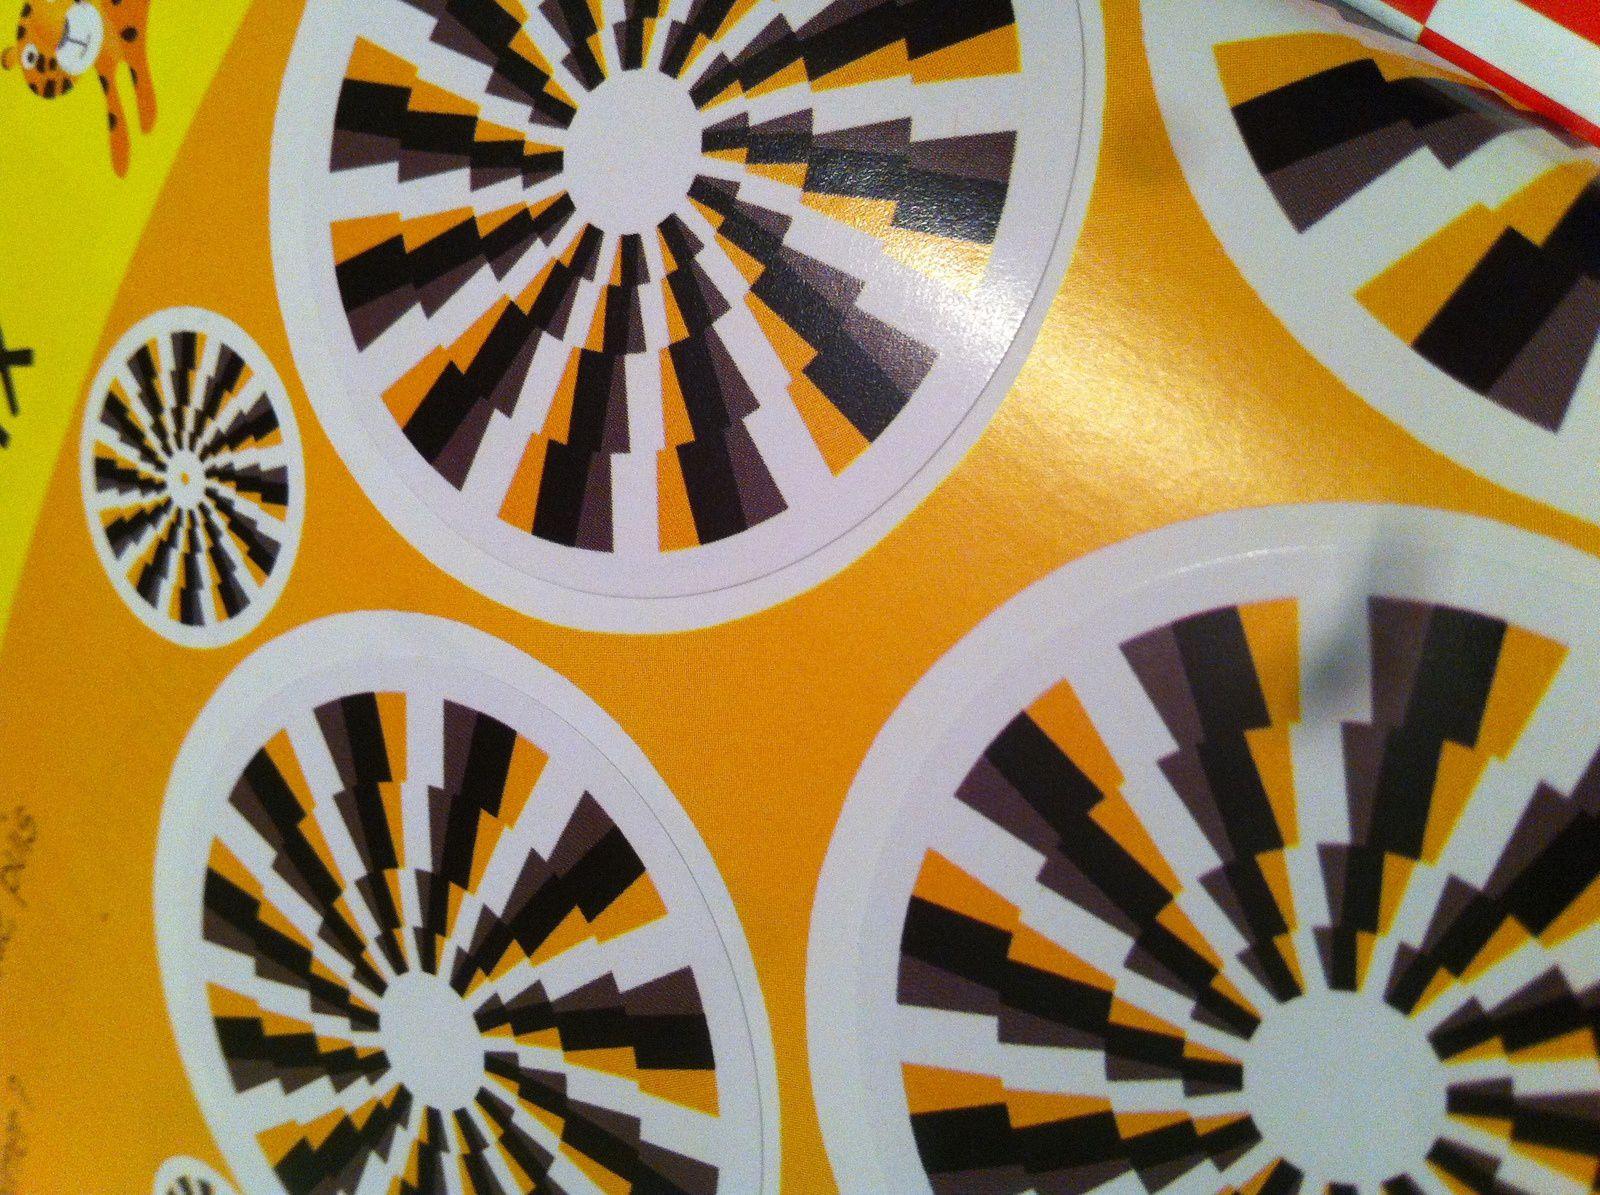 Chut les enfants lisent #97 - Illusions d'optique